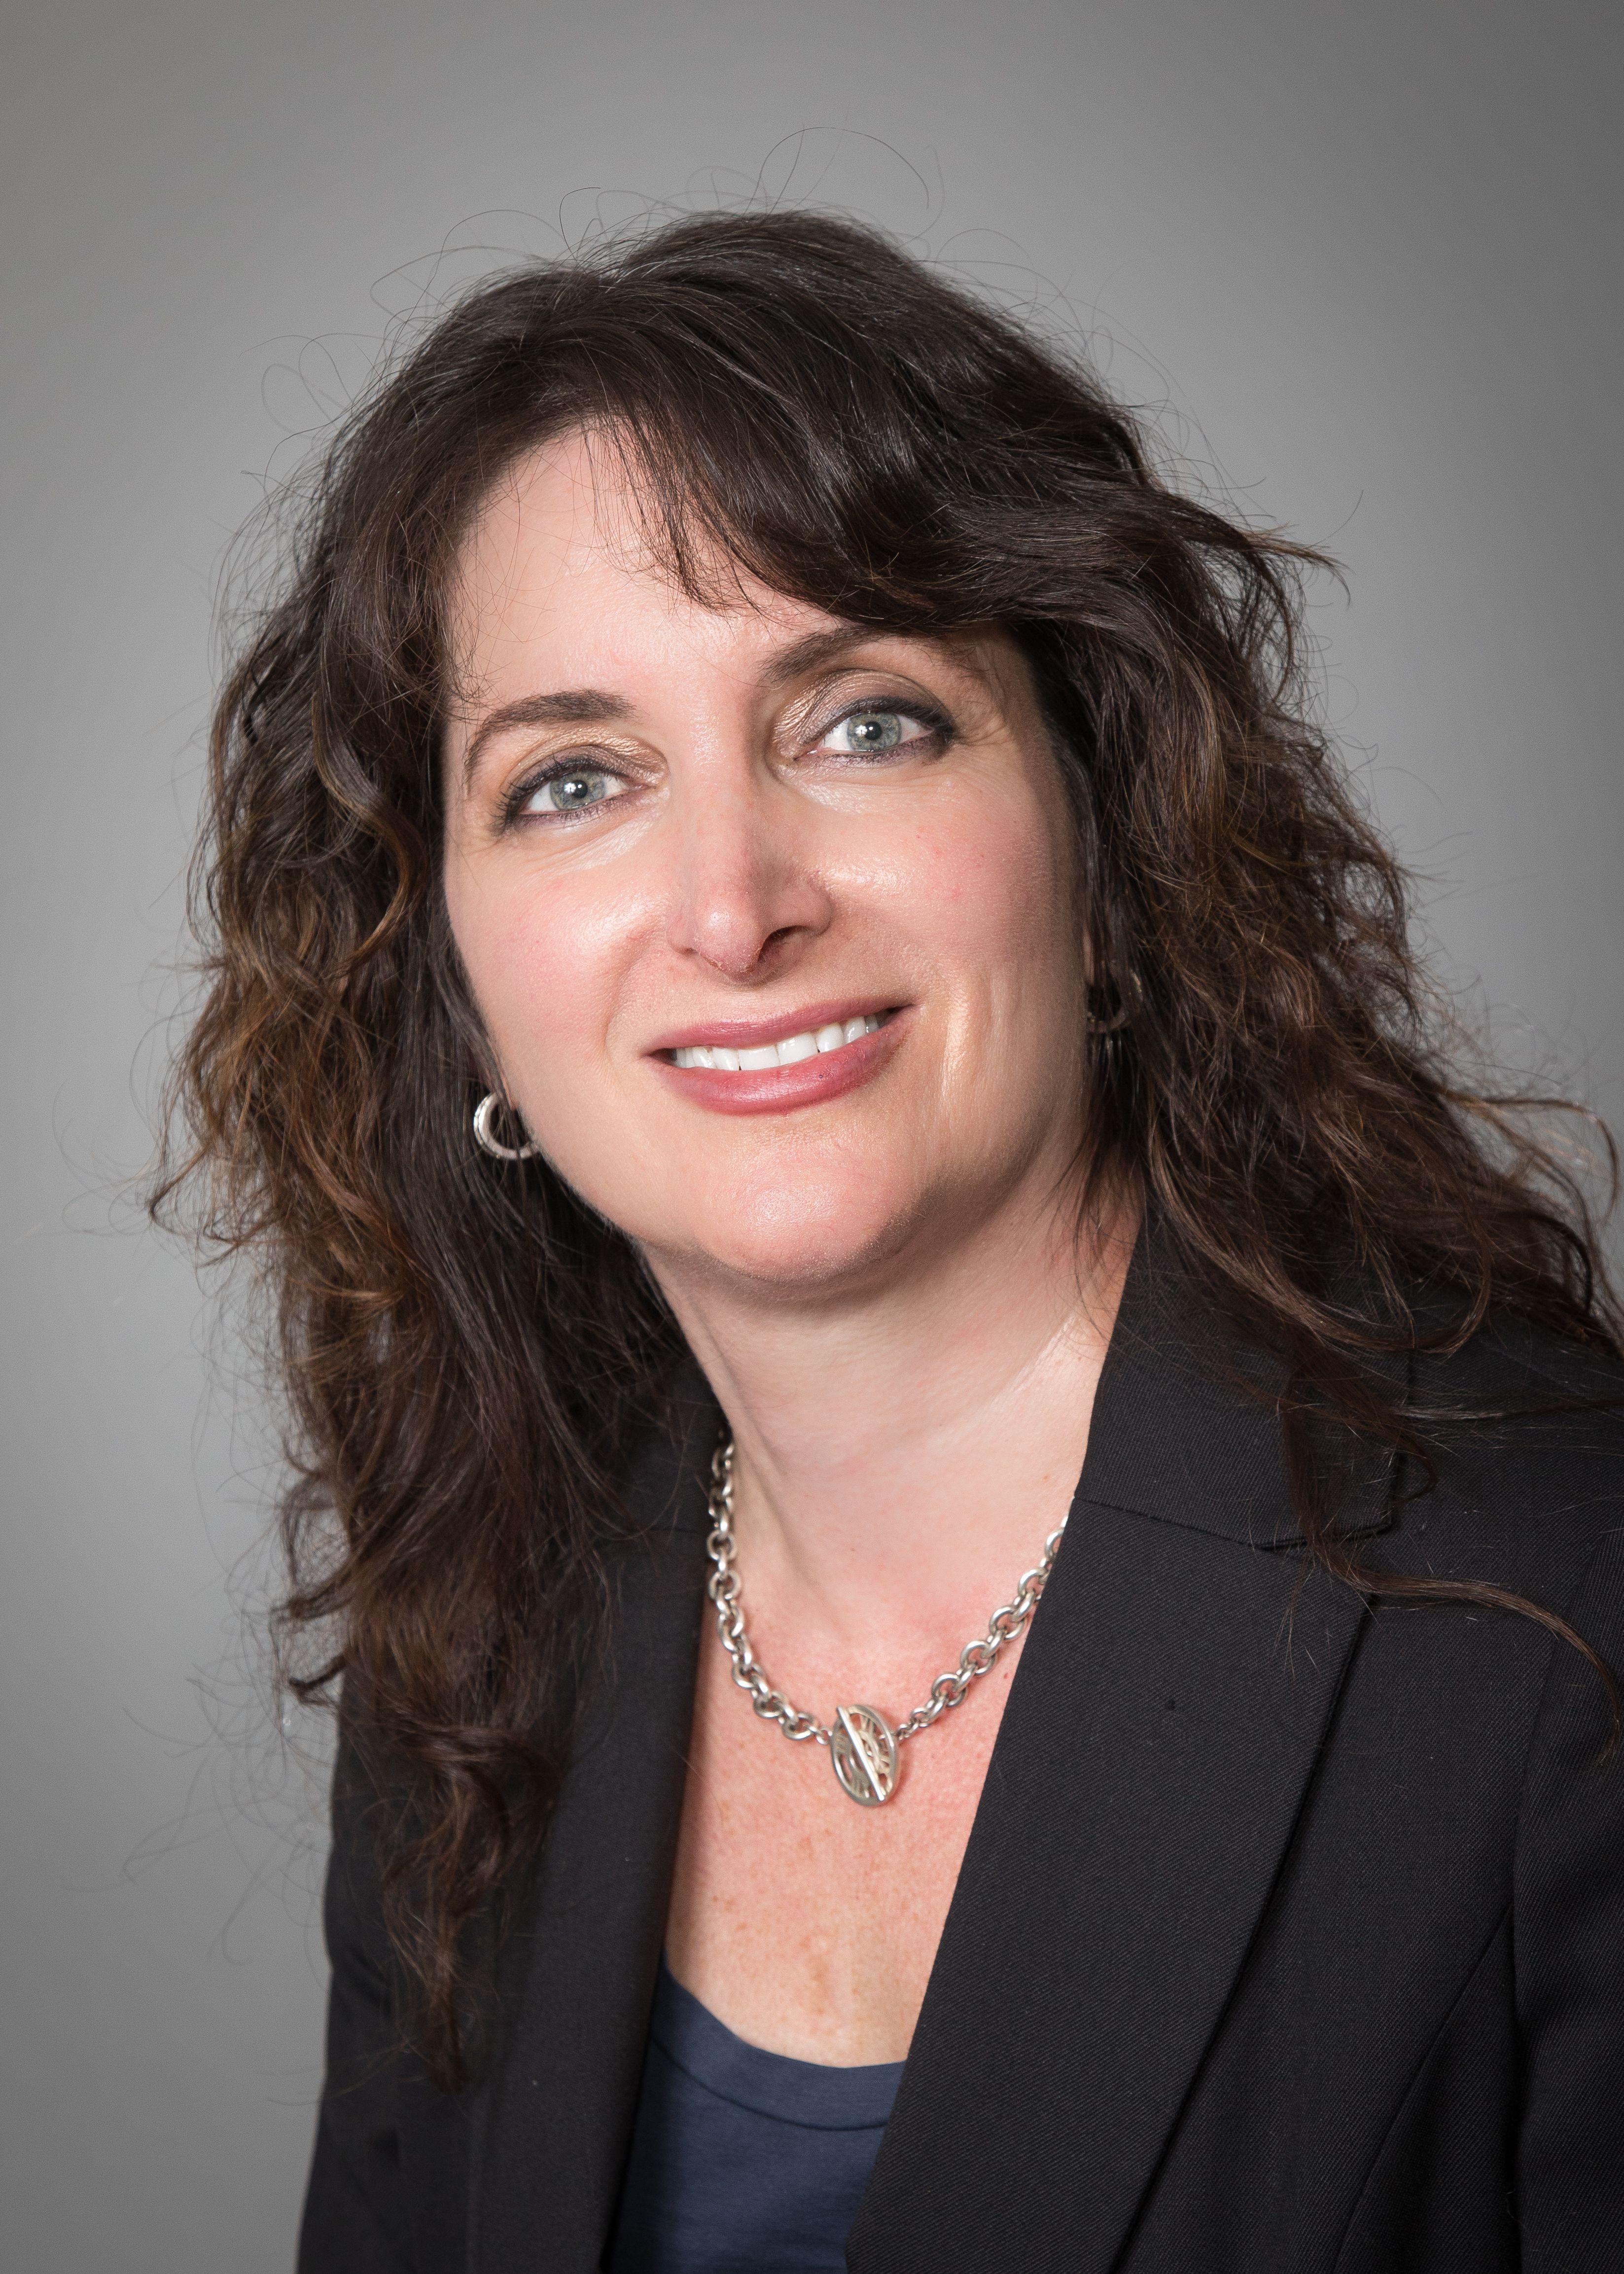 Maryann Buetti-Sgouros, MD, named chair of pediatrics at